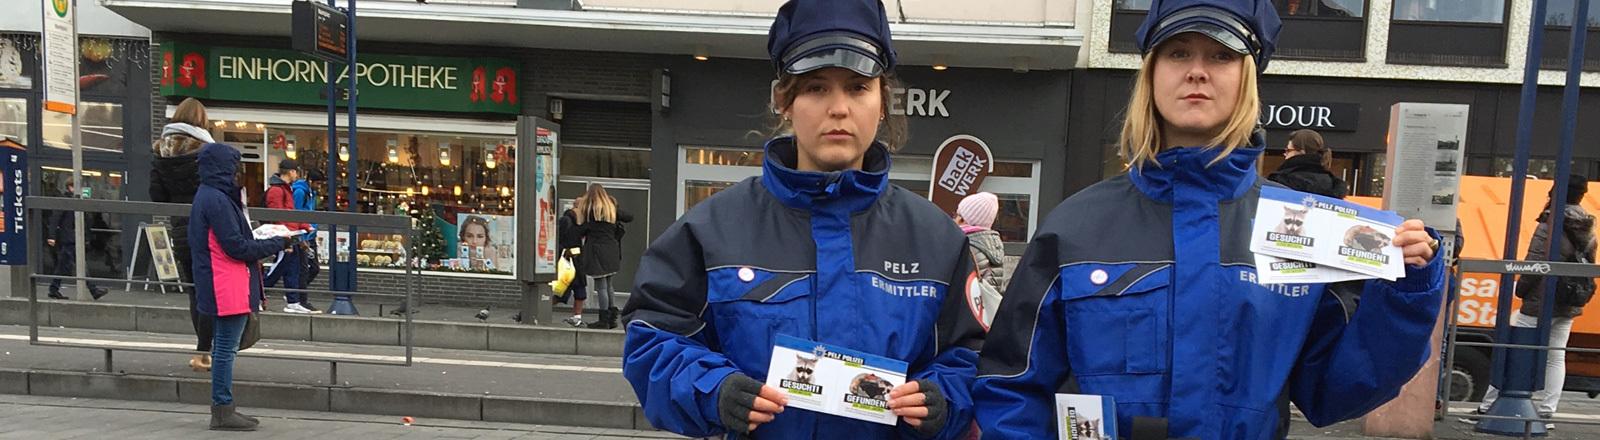 Pelzermittlerinnen Simone Sommerfeld (links) und Julia Weibel stehen in der Innenstadt von Mannheim. Sie tragen blaue Uniformen und Mützen.